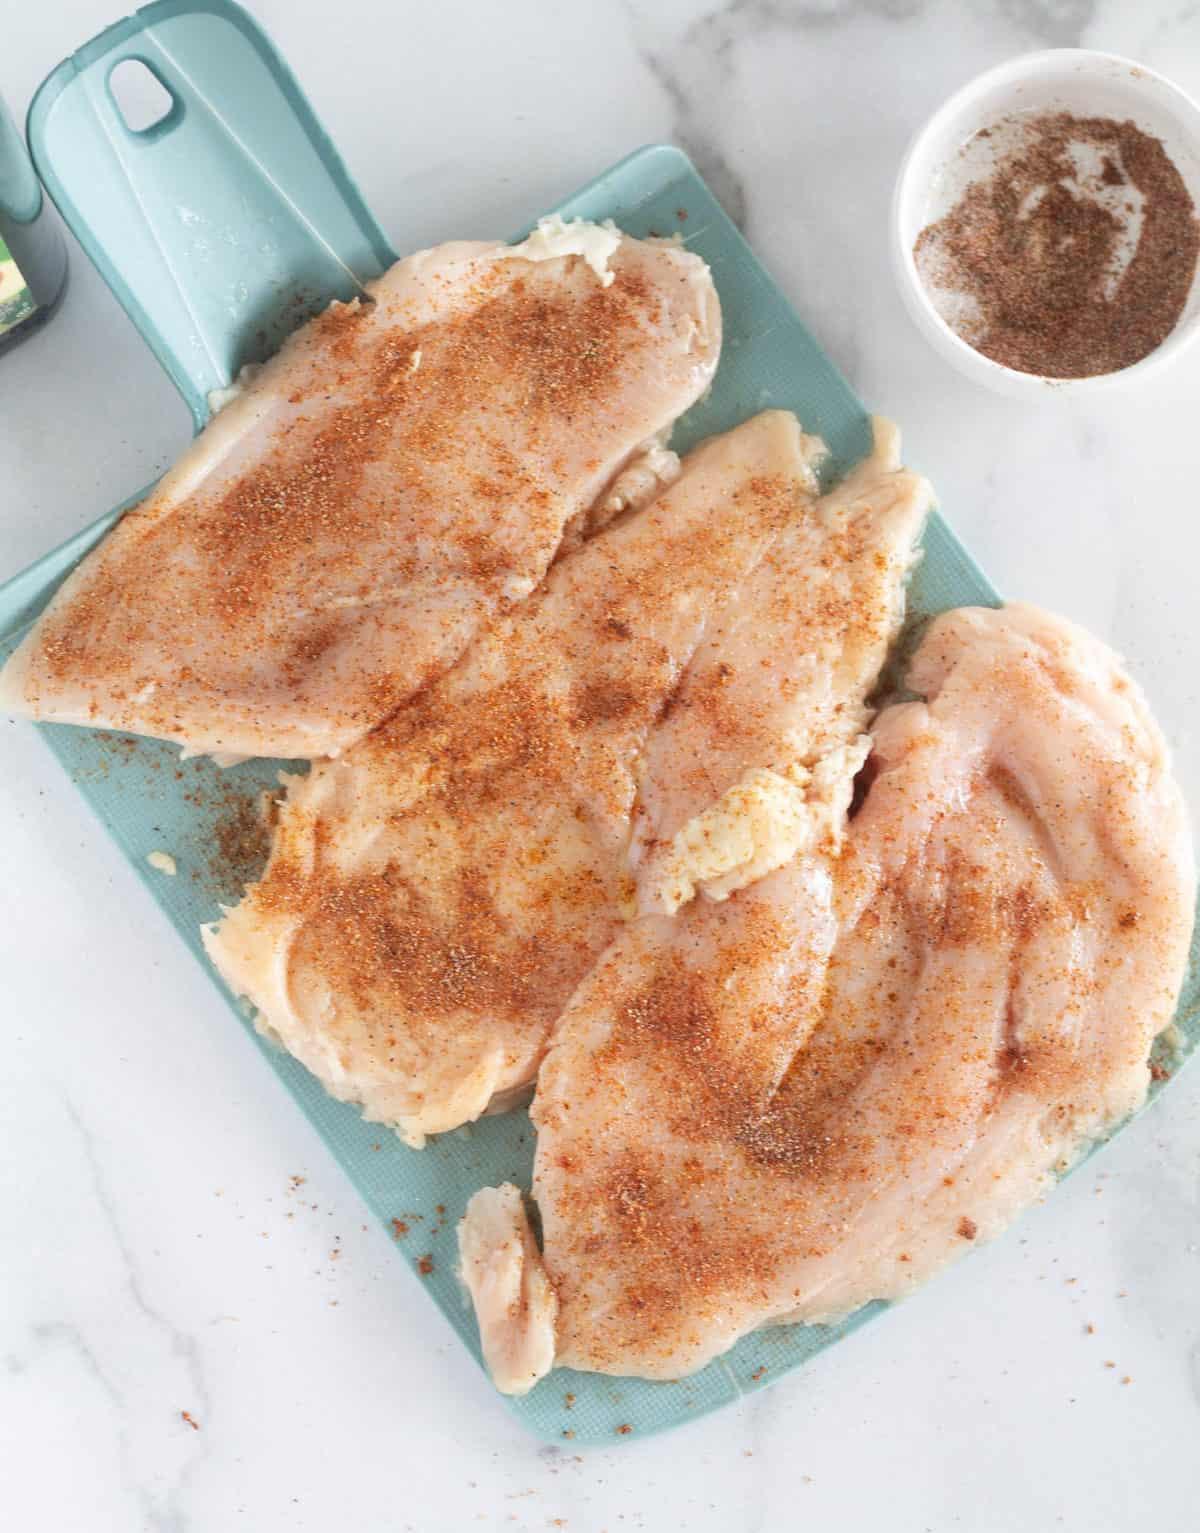 seasoned chicken on cutting board